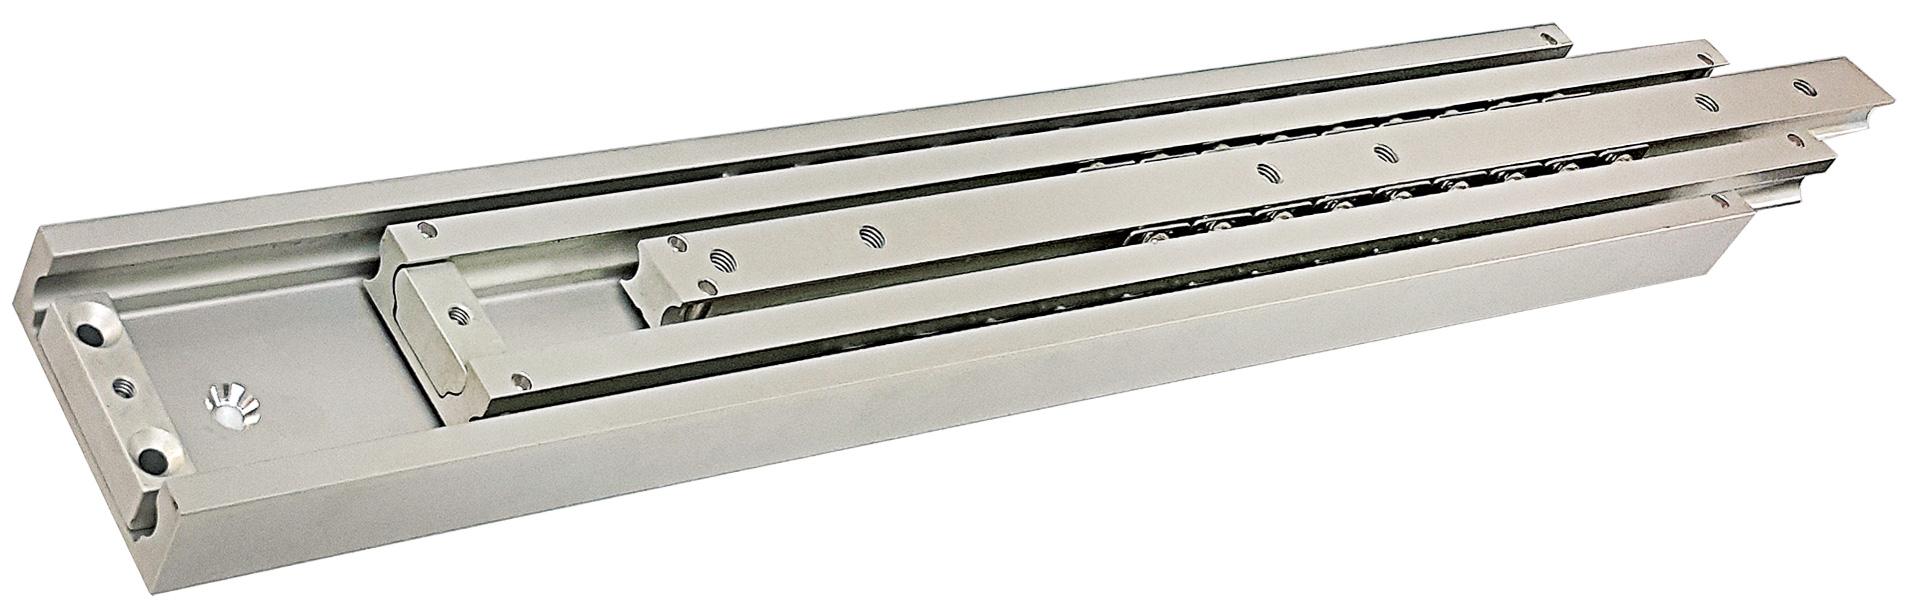 Aluminum Heavy Duty Cabinet Slides 660lbs Extra Heavy